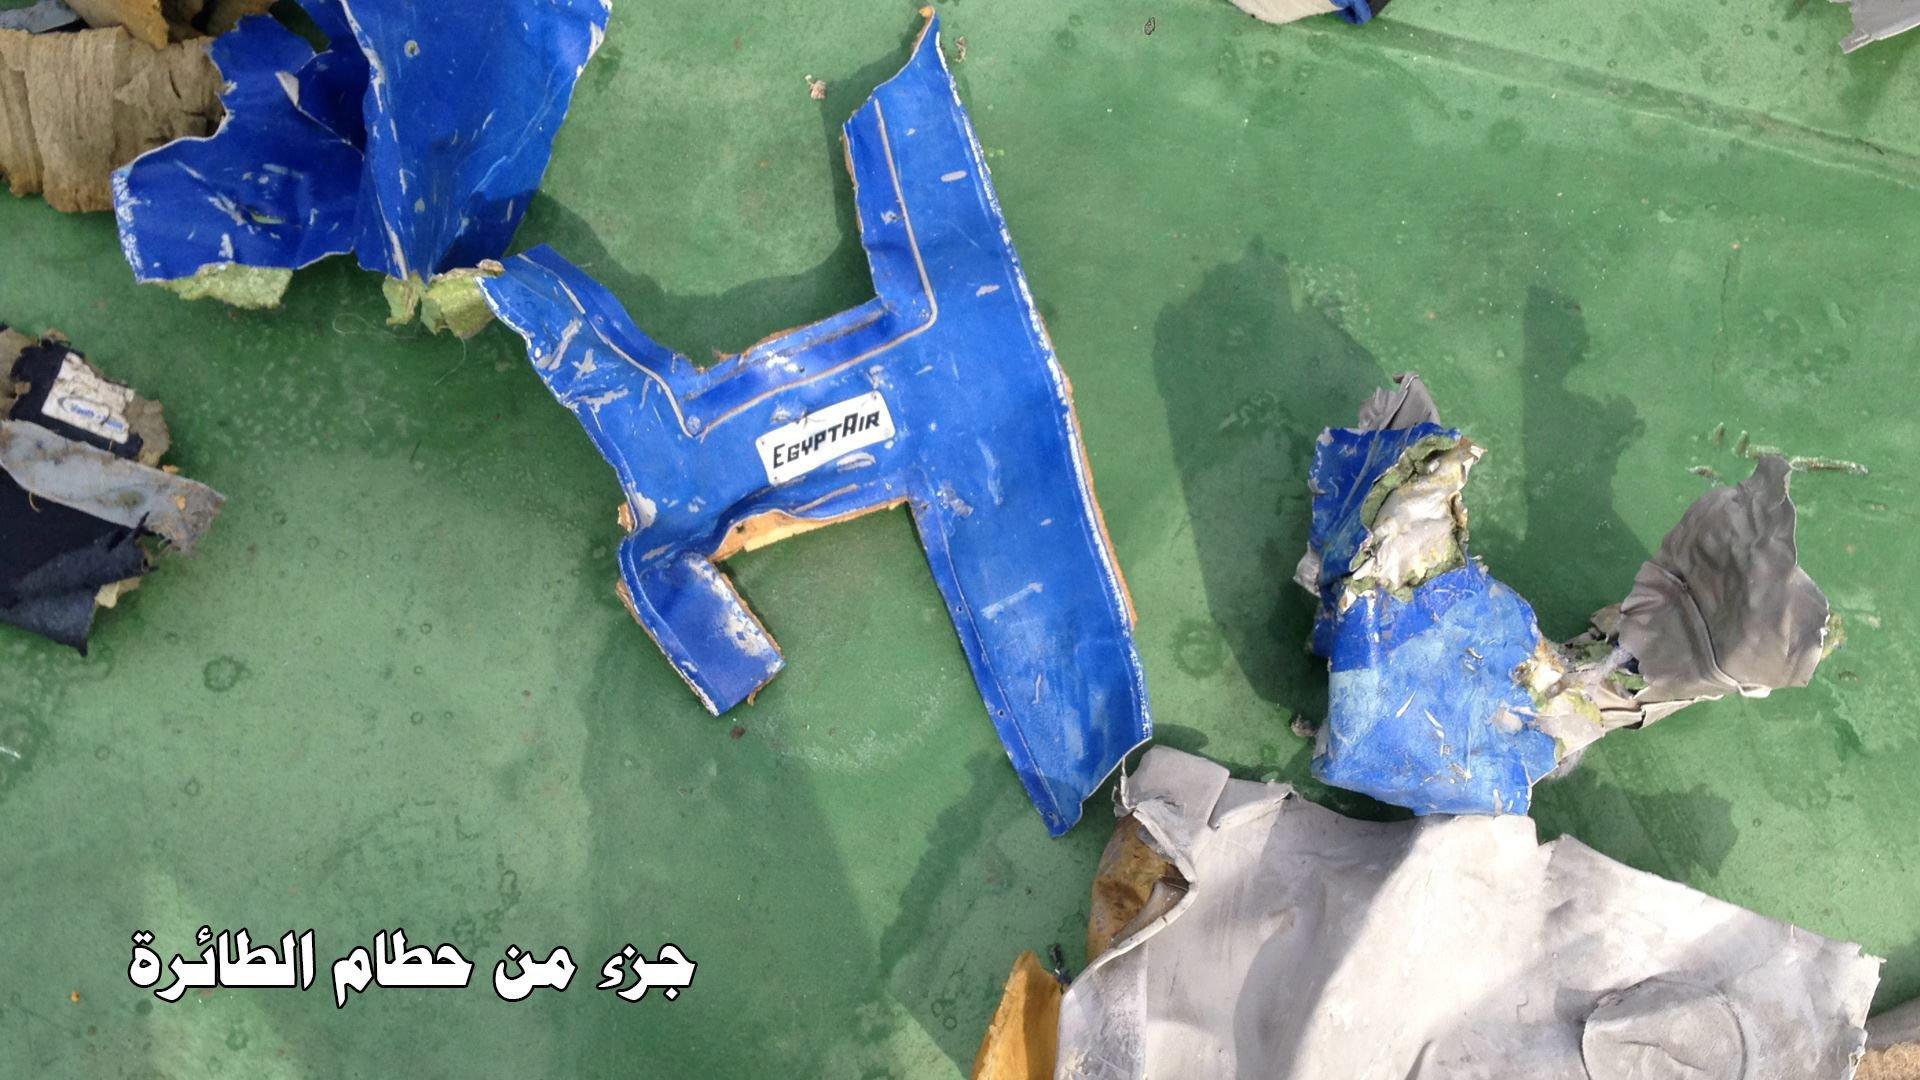 Trümmerstücke der Egyptair-Maschine, die schon im Mai gefunden wurden. Jetzt wurden weitere Trümmer auf dem Meeresgrund geortet.